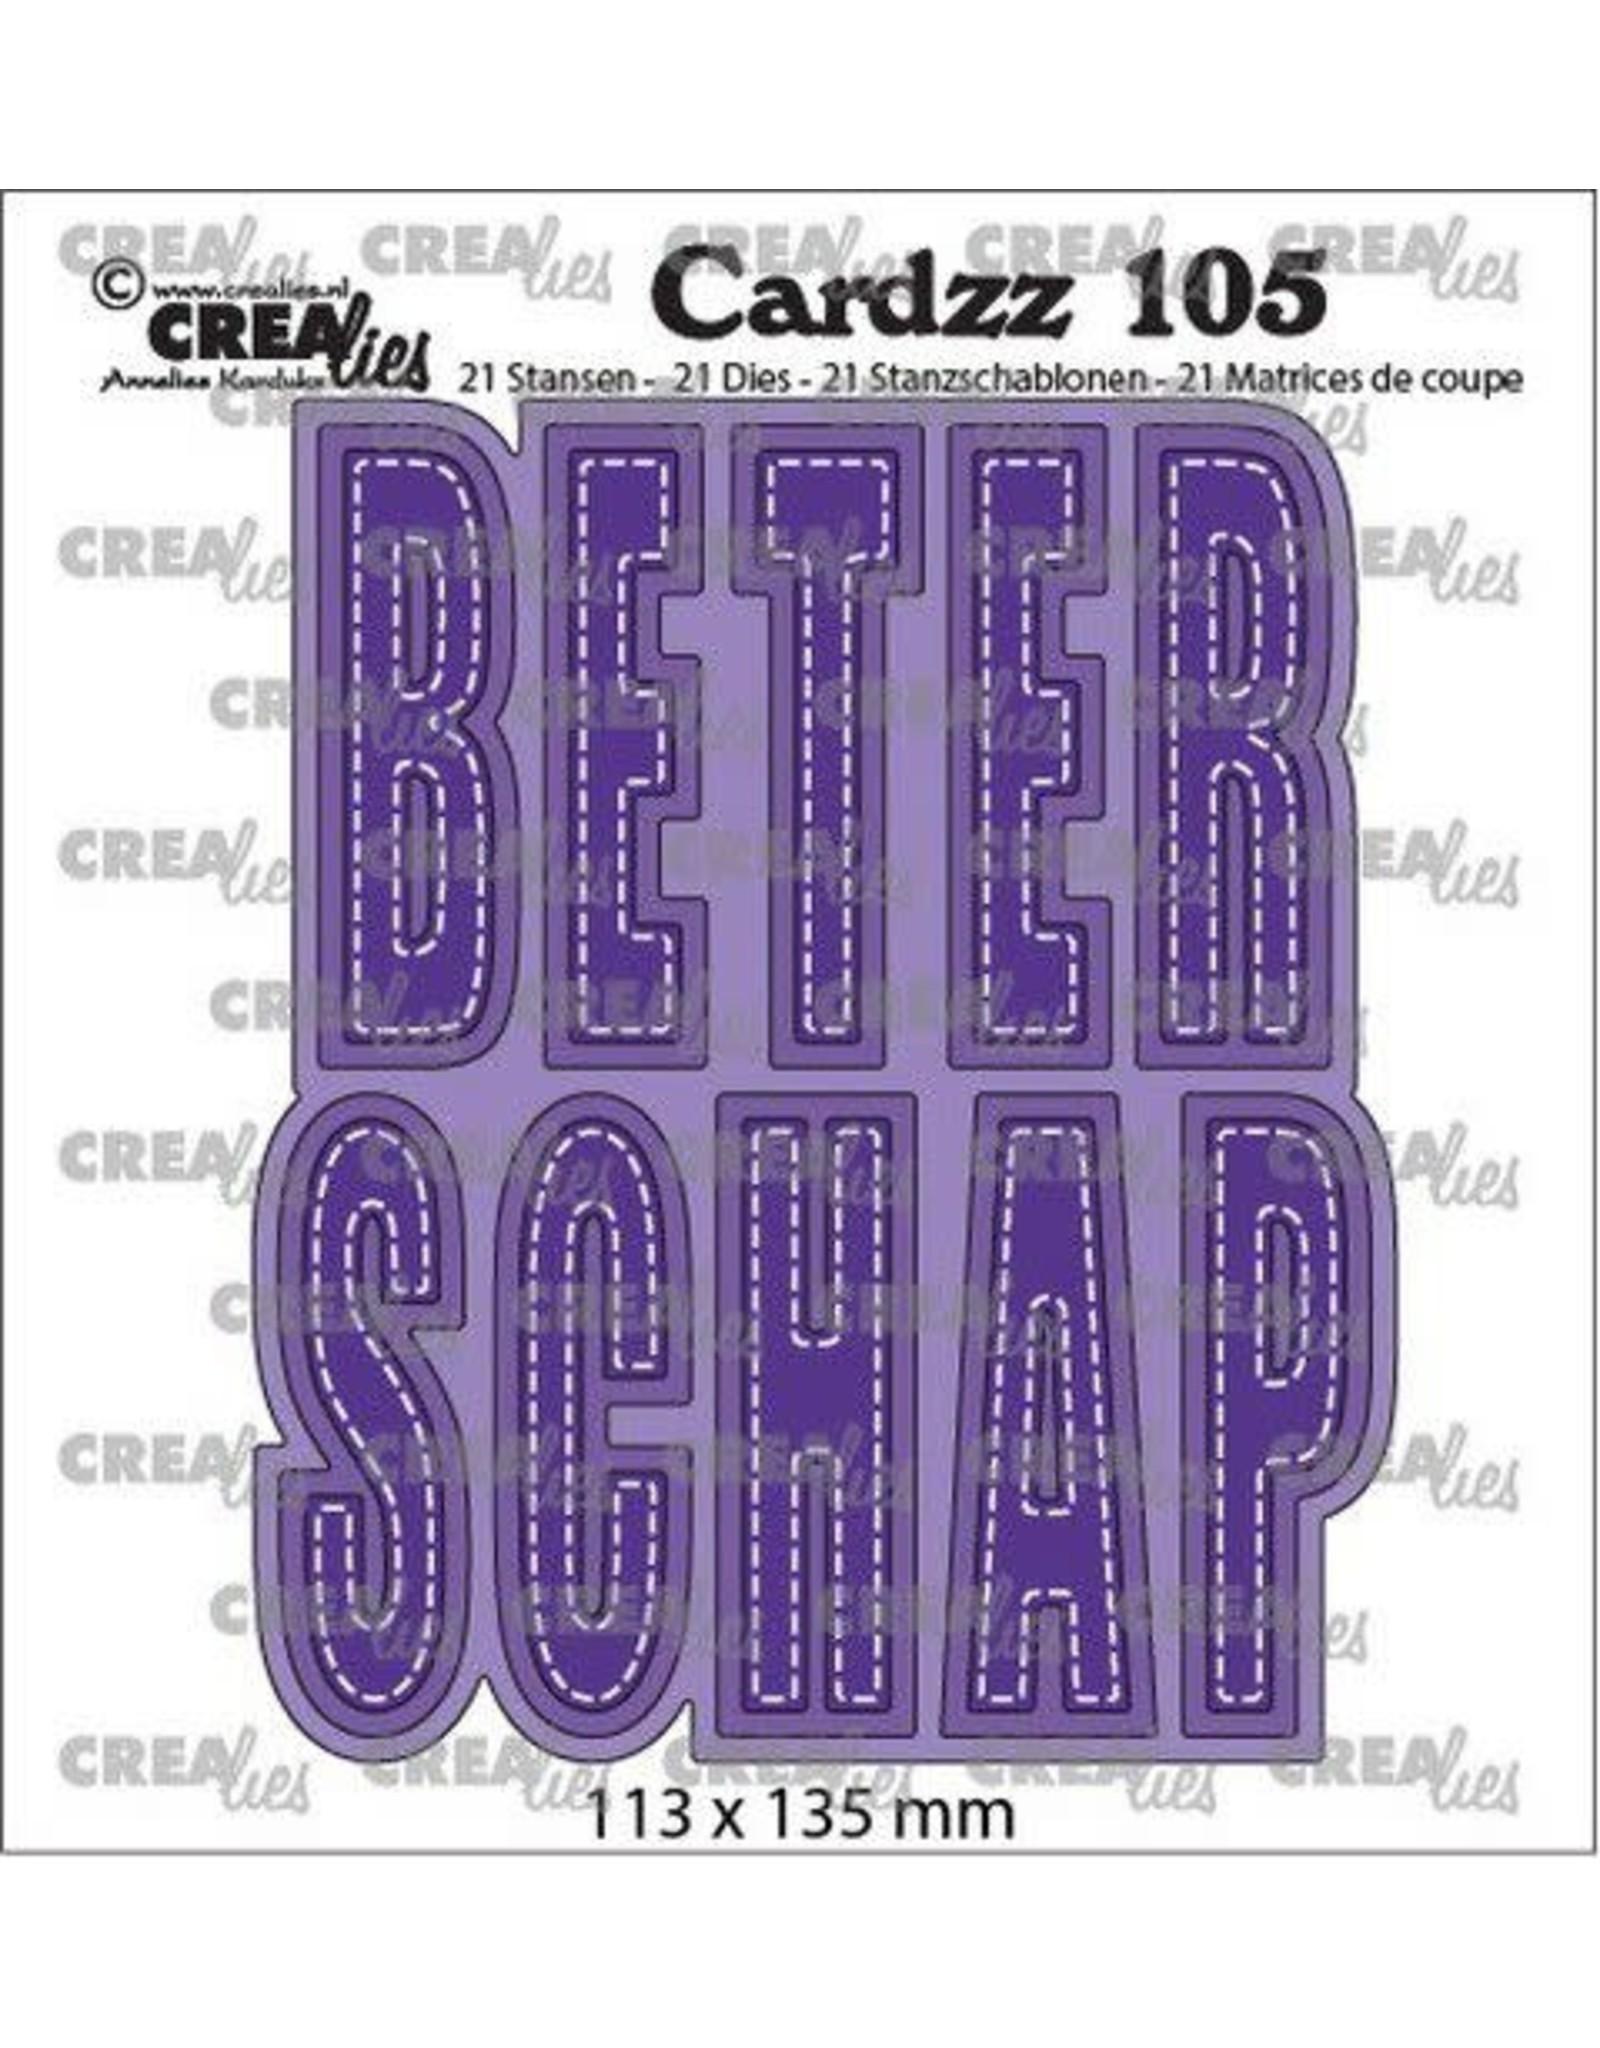 Crealies Crealies Cardzz no 105 Beterschap (NL) CLCZ105